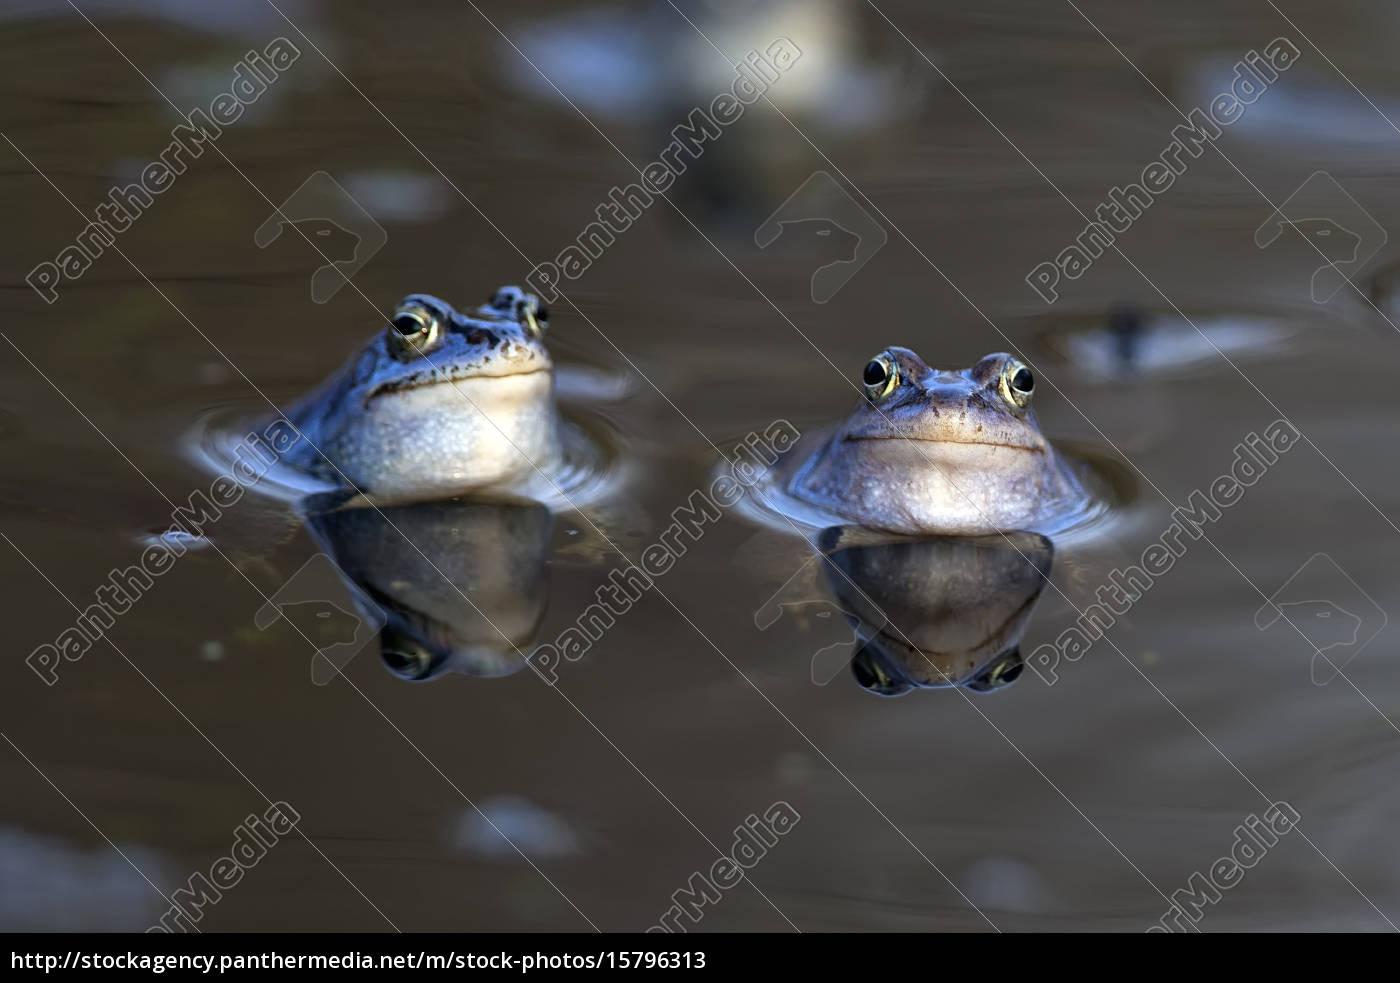 moor, frogs, in, the, wild, - 15796313